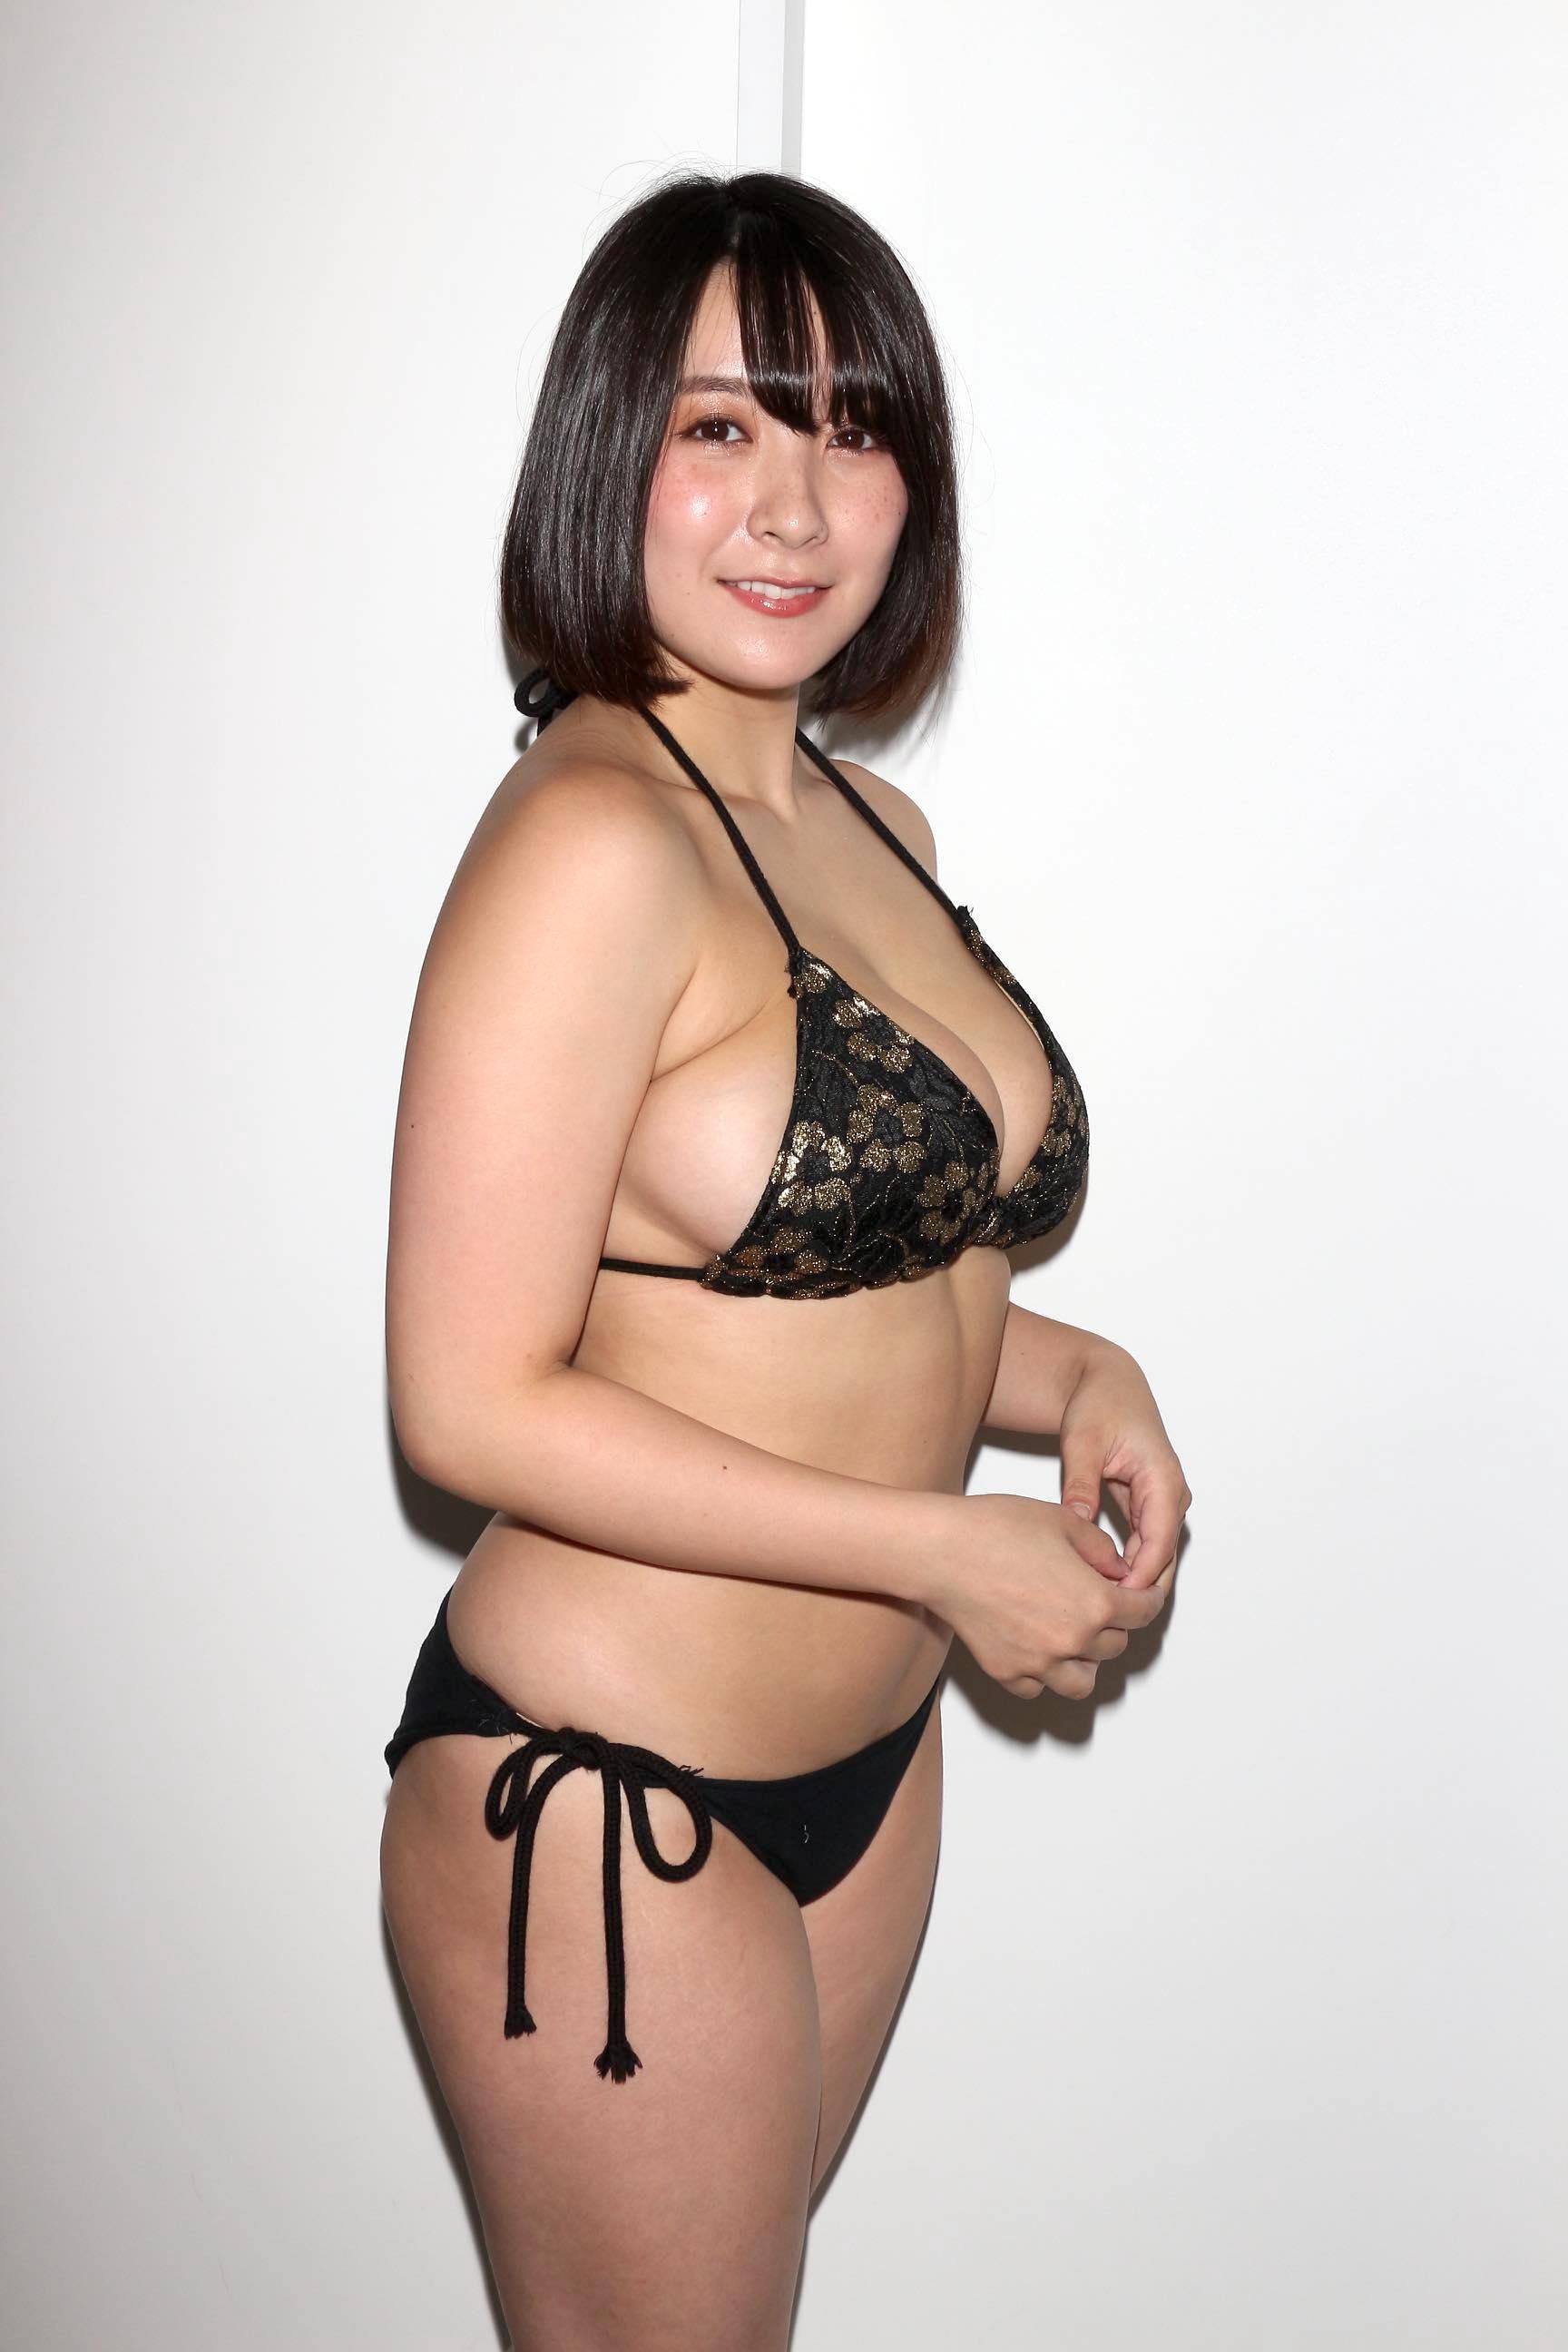 紺野栞「胸が成長しっぱなし」Hカップがキツくなっちゃった【写真28枚】の画像018